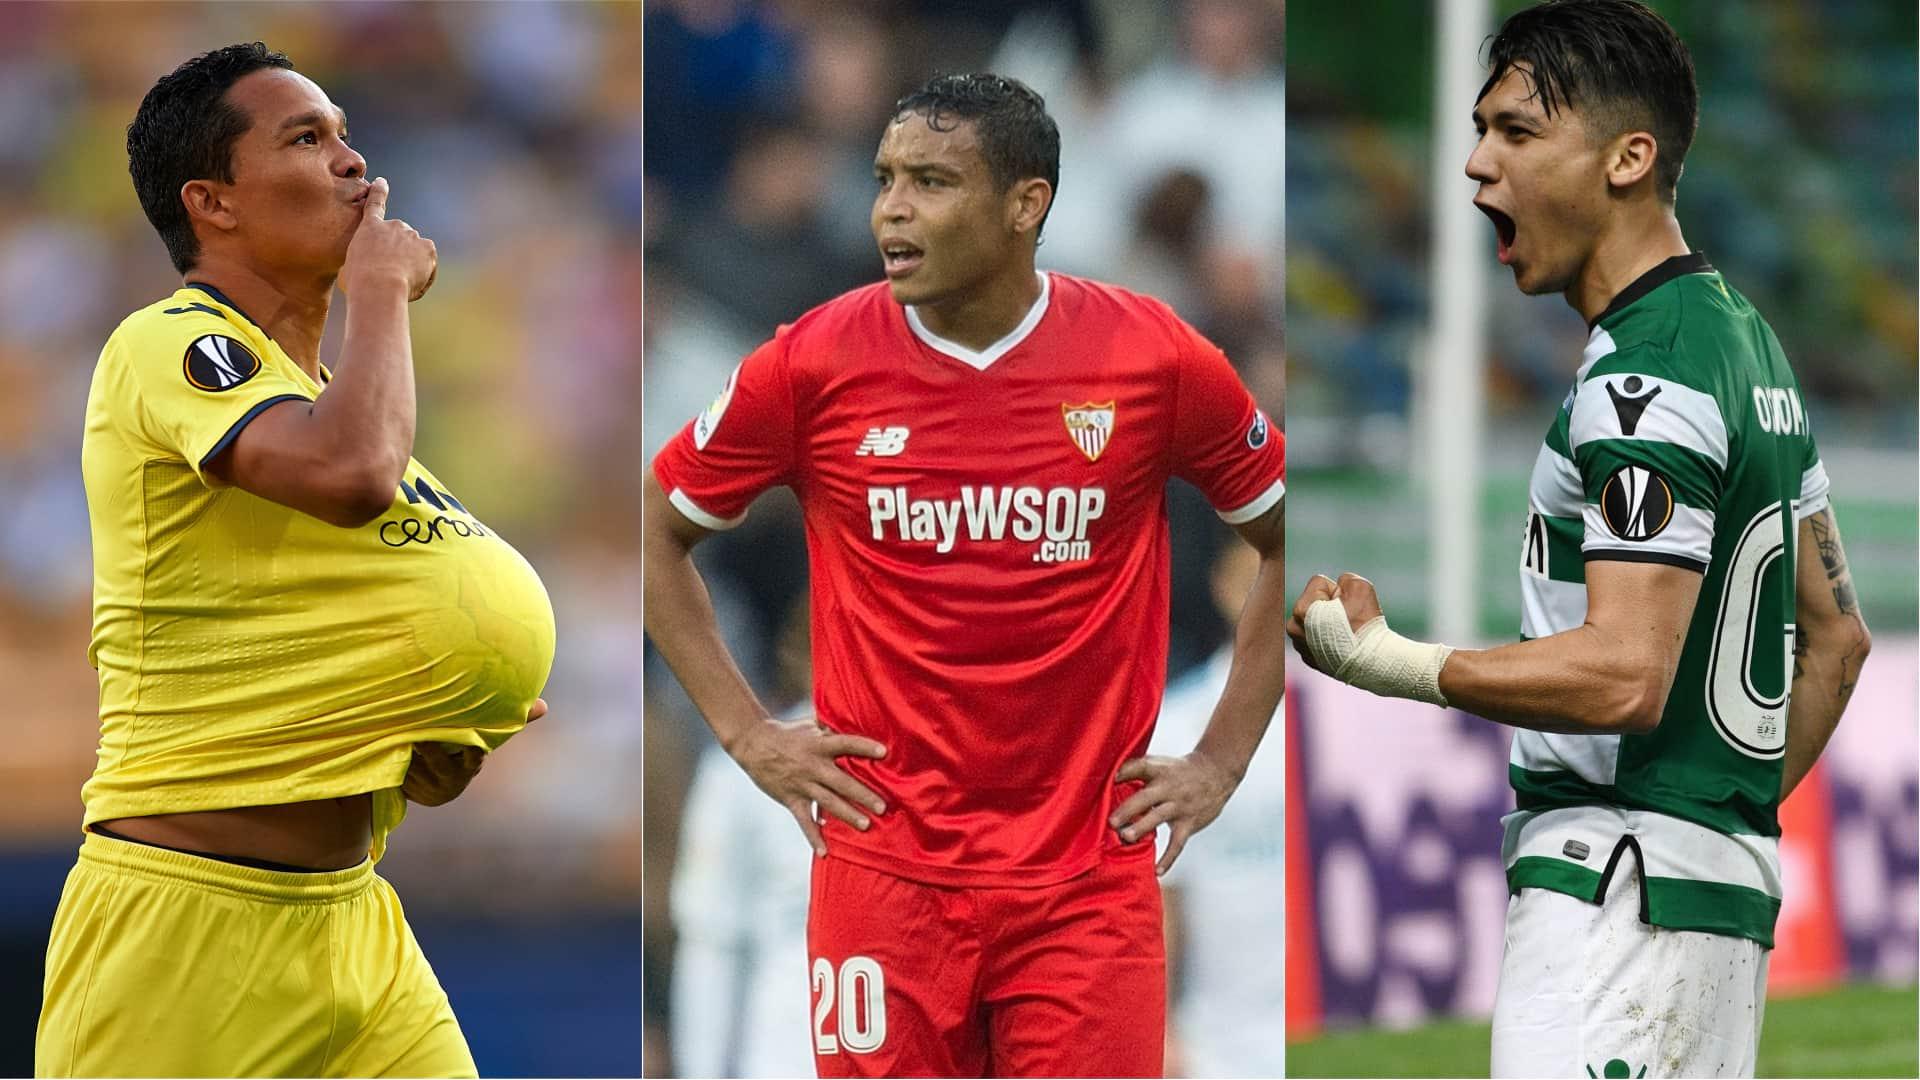 Video: Resumen de los jugadores colombianos en Europa League del jueves 20 de septiembre del 2018